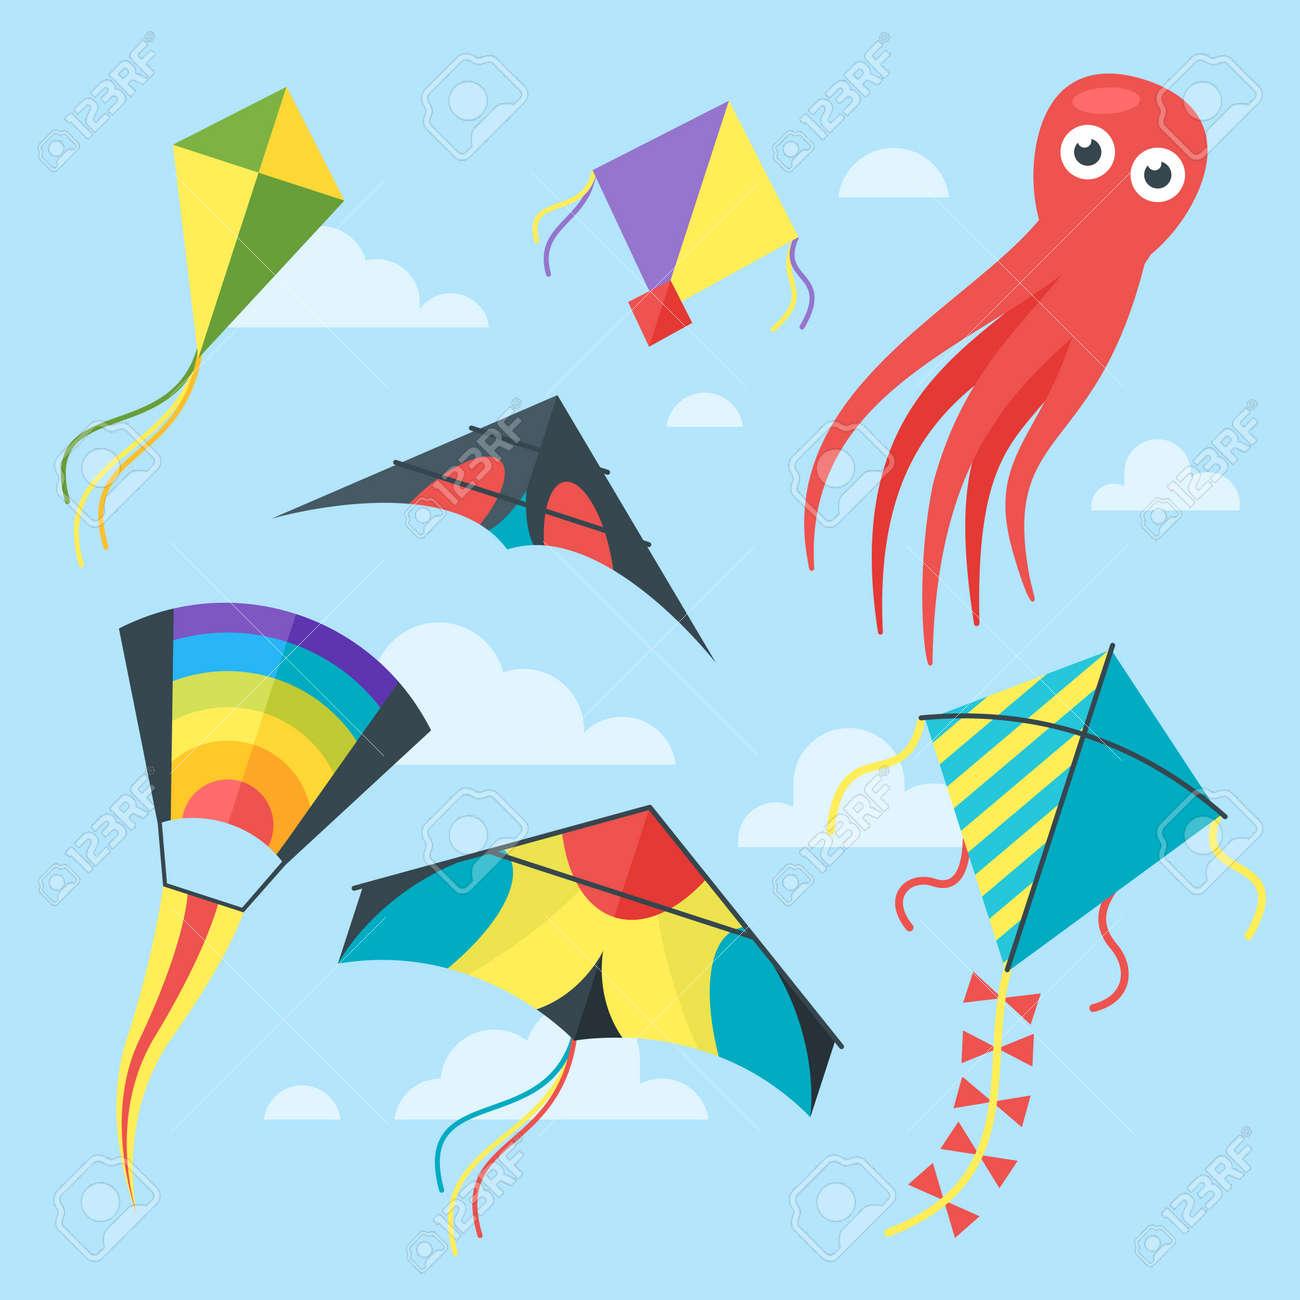 vector vlakke stijlreeks vliegers in de hemel met wolken ge�soleerdstockfoto vector vlakke stijlreeks vliegers in de hemel met wolken ge�soleerd op blauwe achtergrond